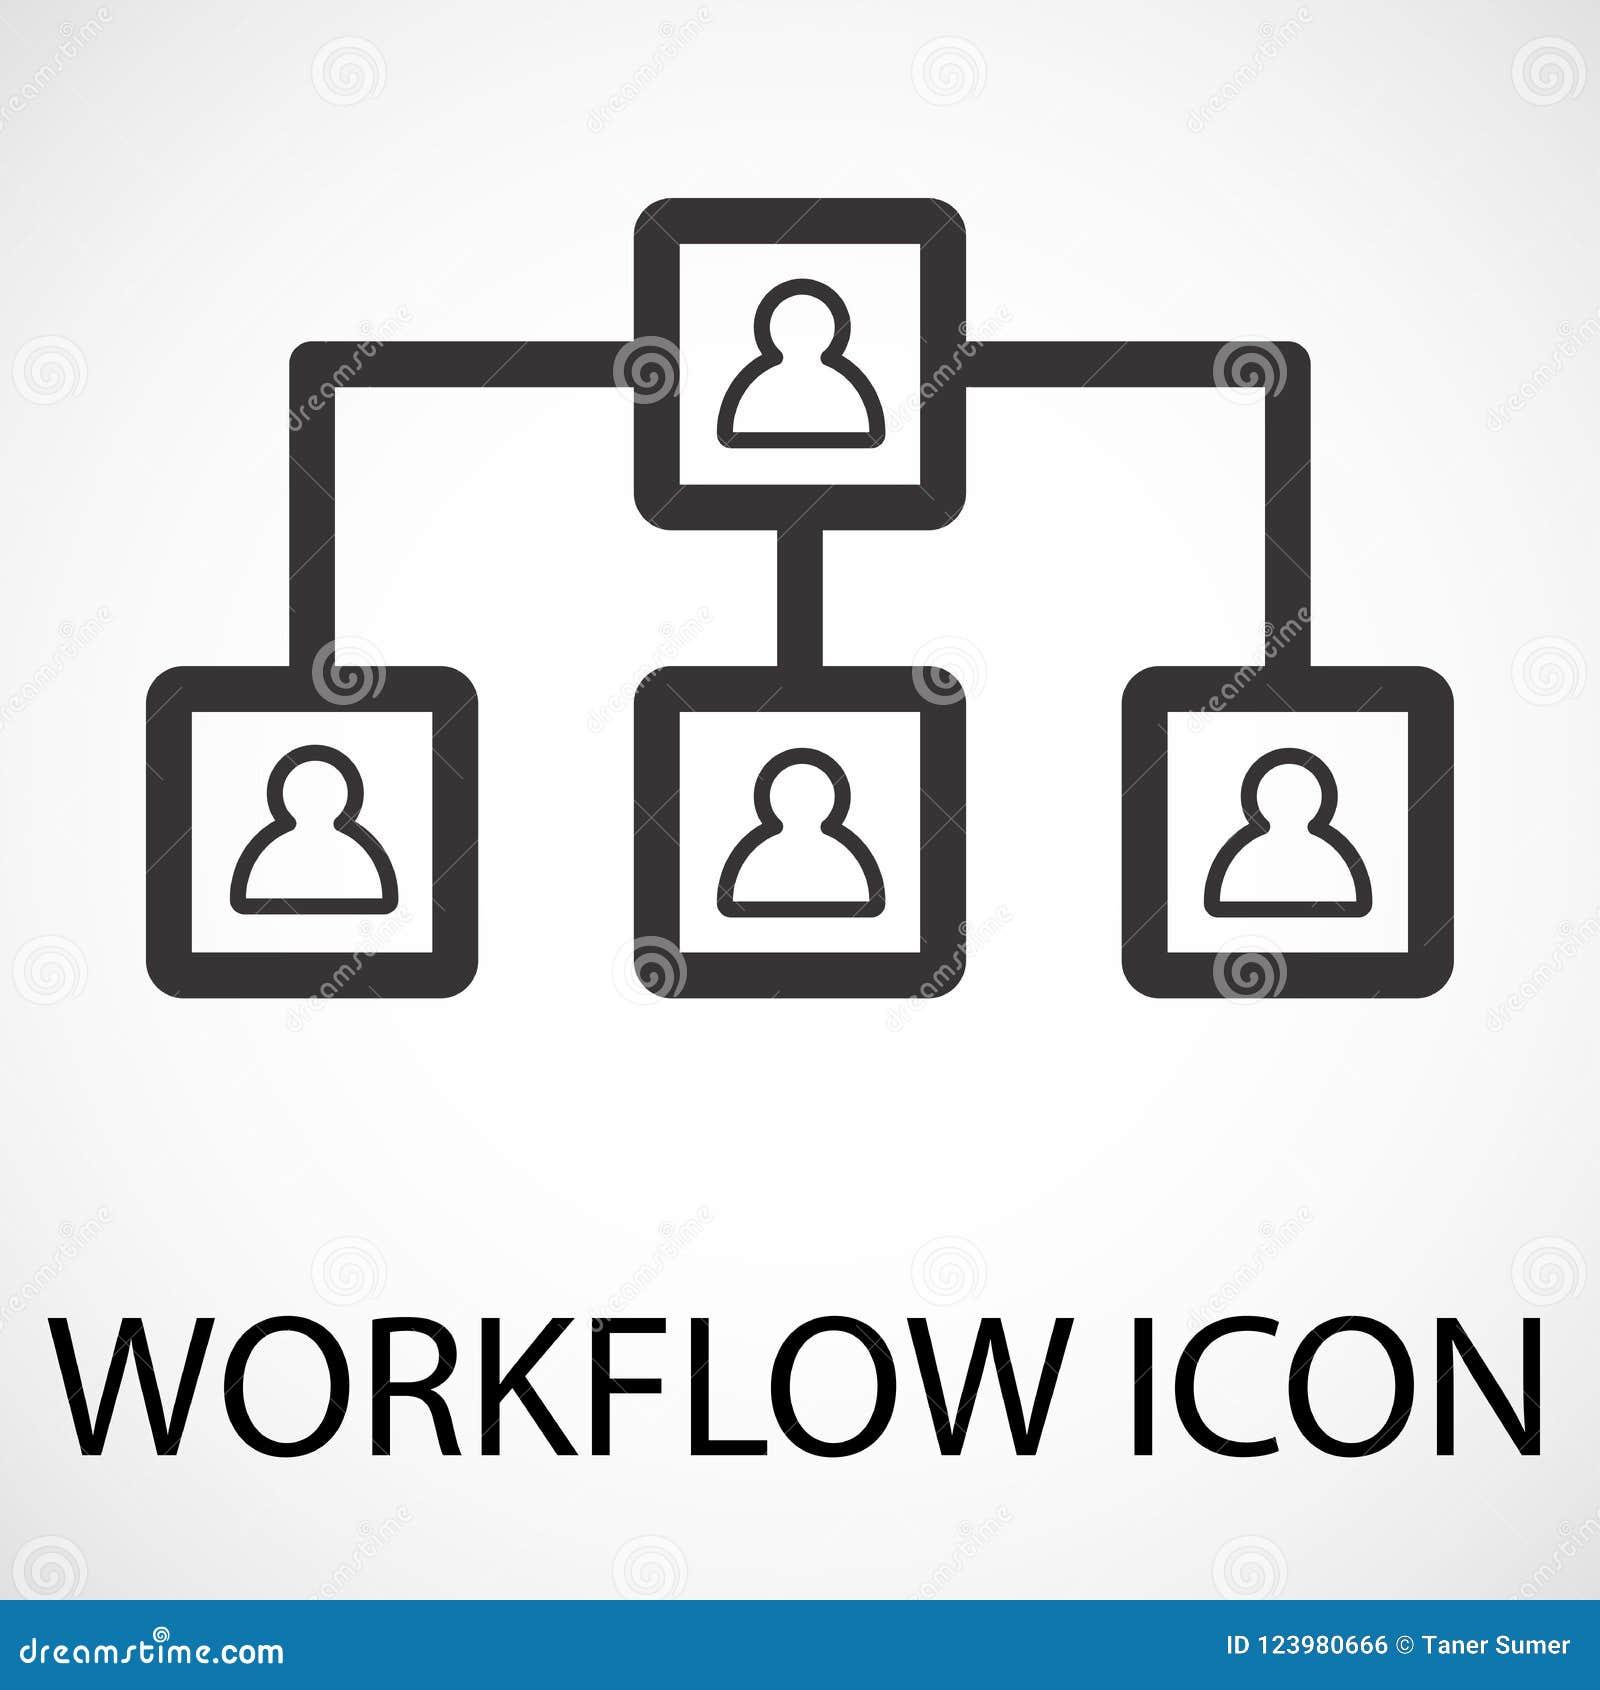 Simple icône de schéma, vecteur déroulement des opérations